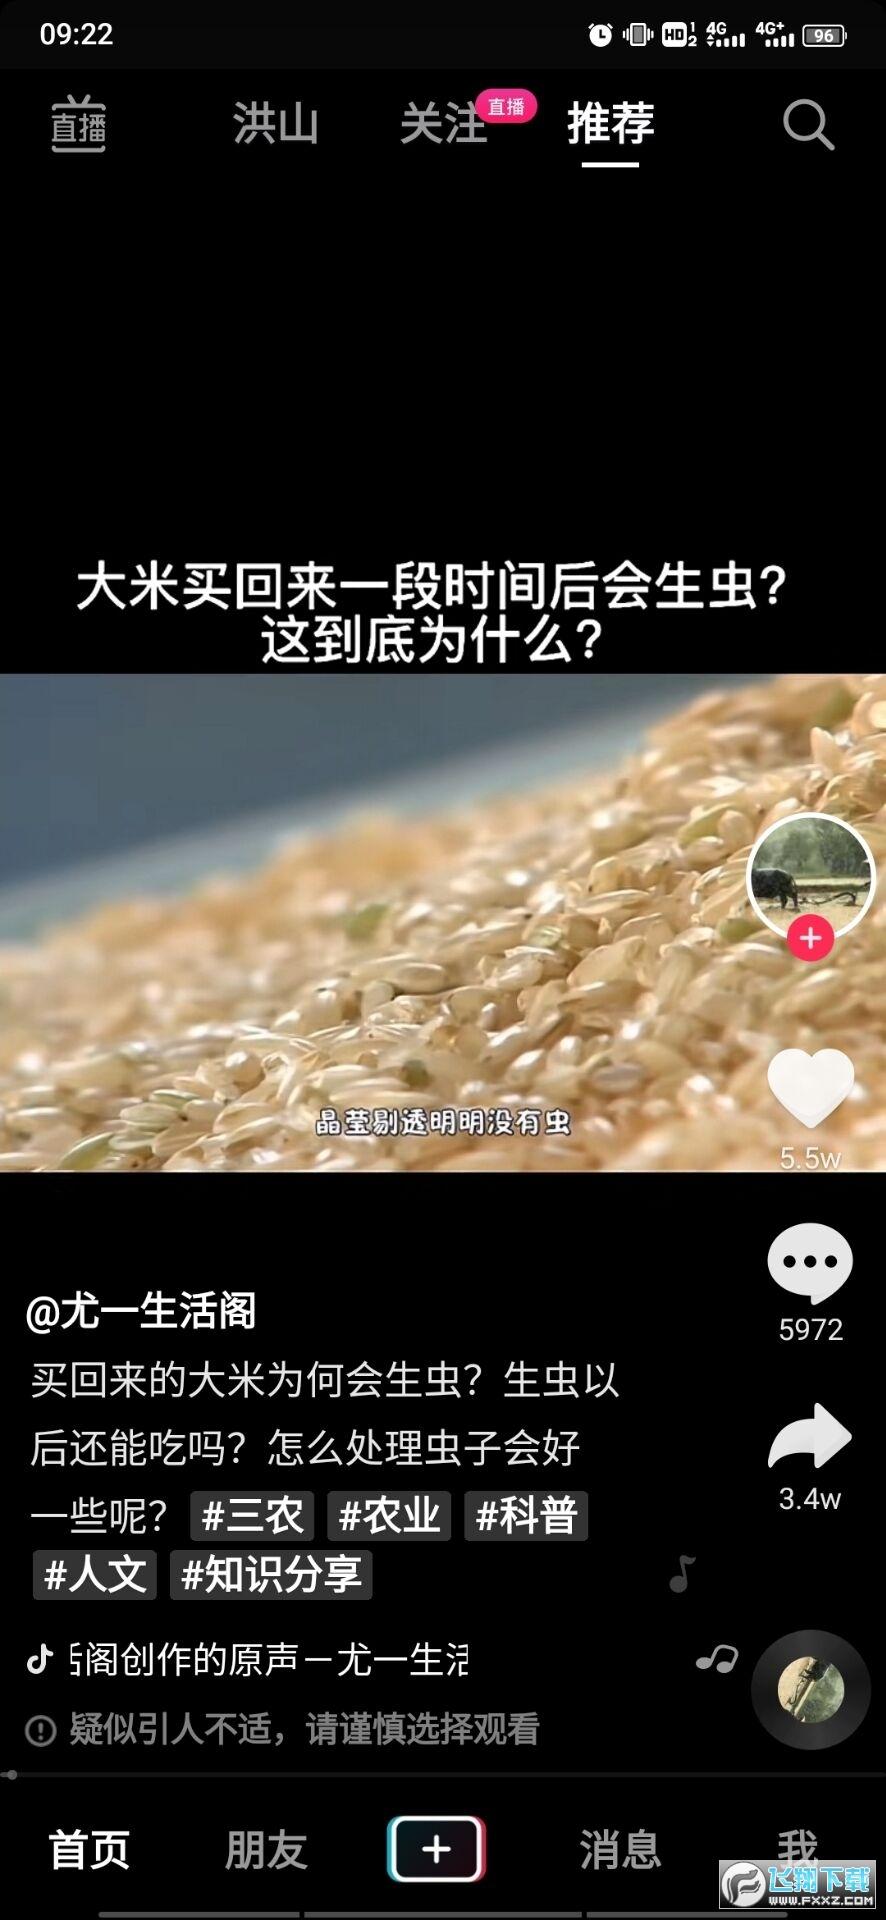 抖音短视频app安卓版17.5.020212021最新菠菜论坛菠菜论坛版截图2